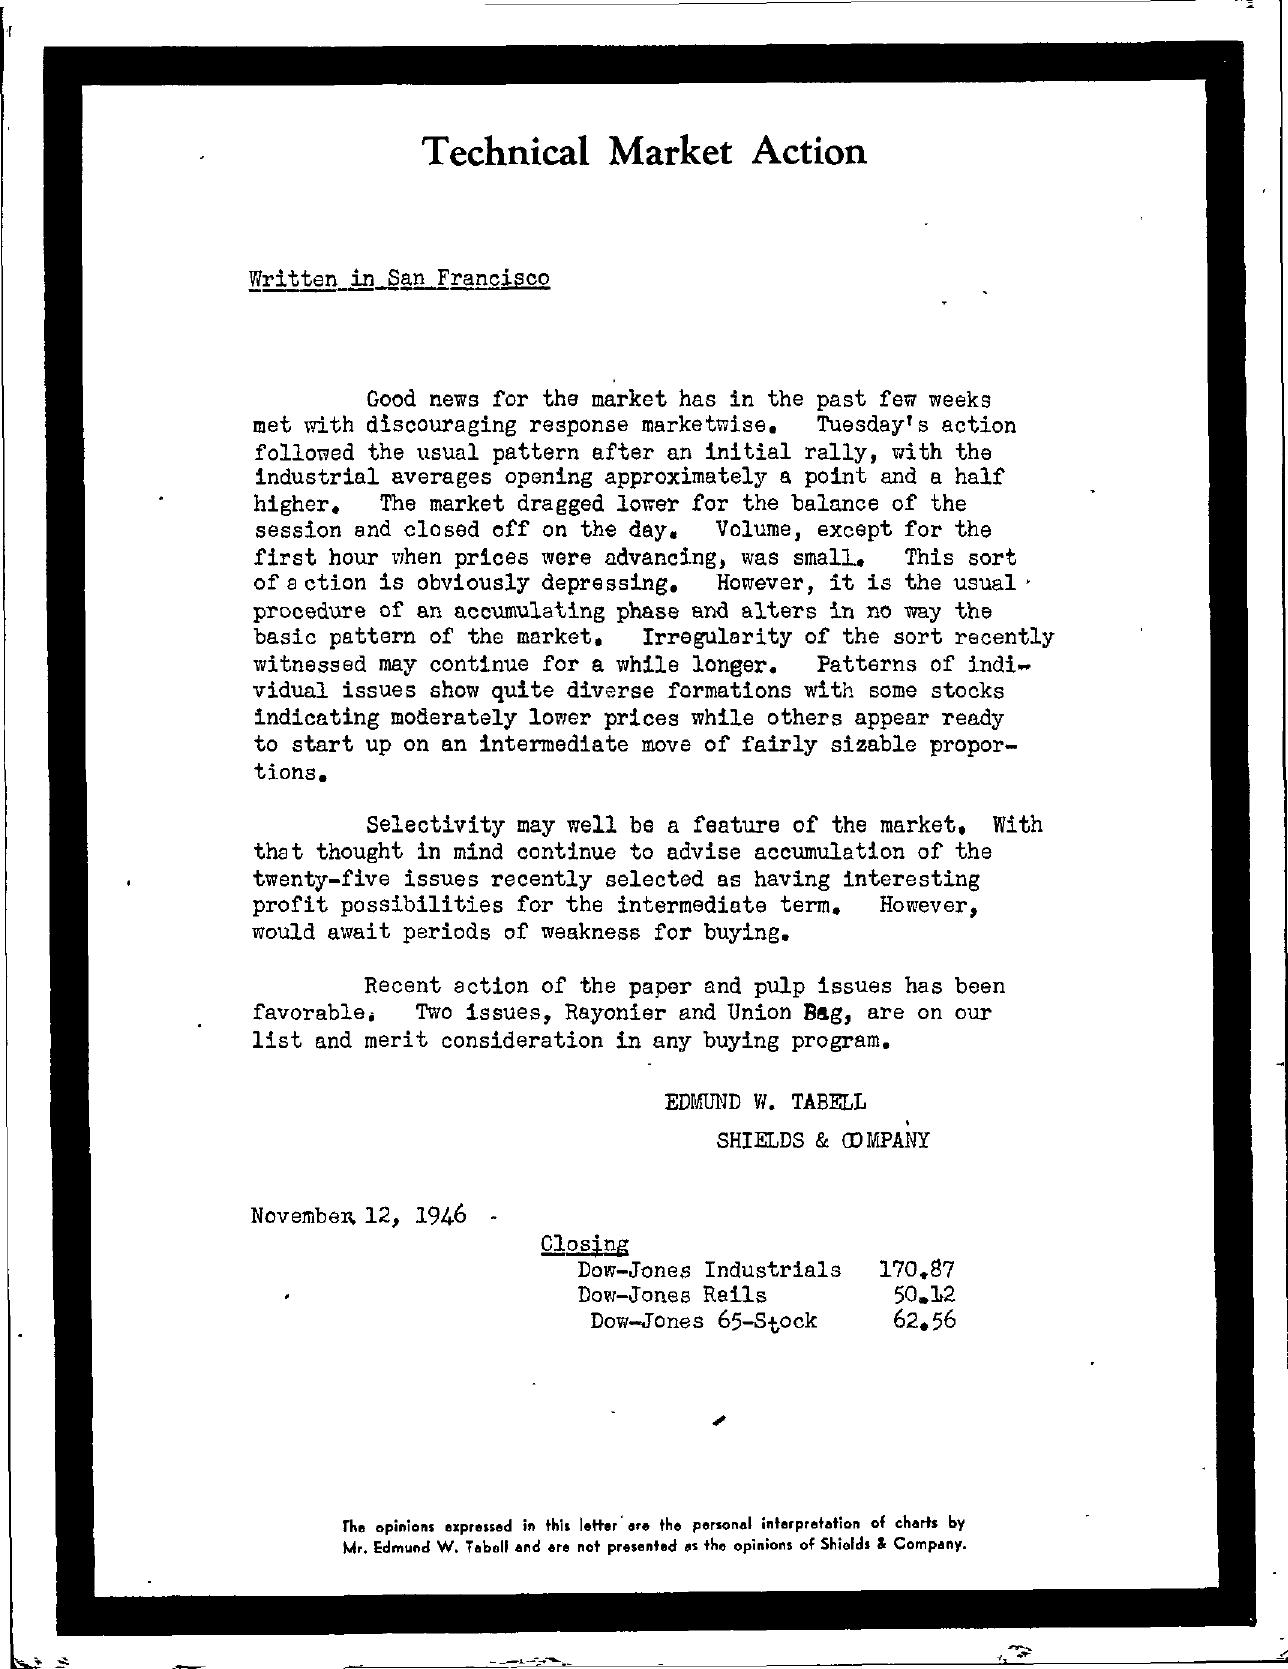 Tabell's Market Letter - November 12, 1946